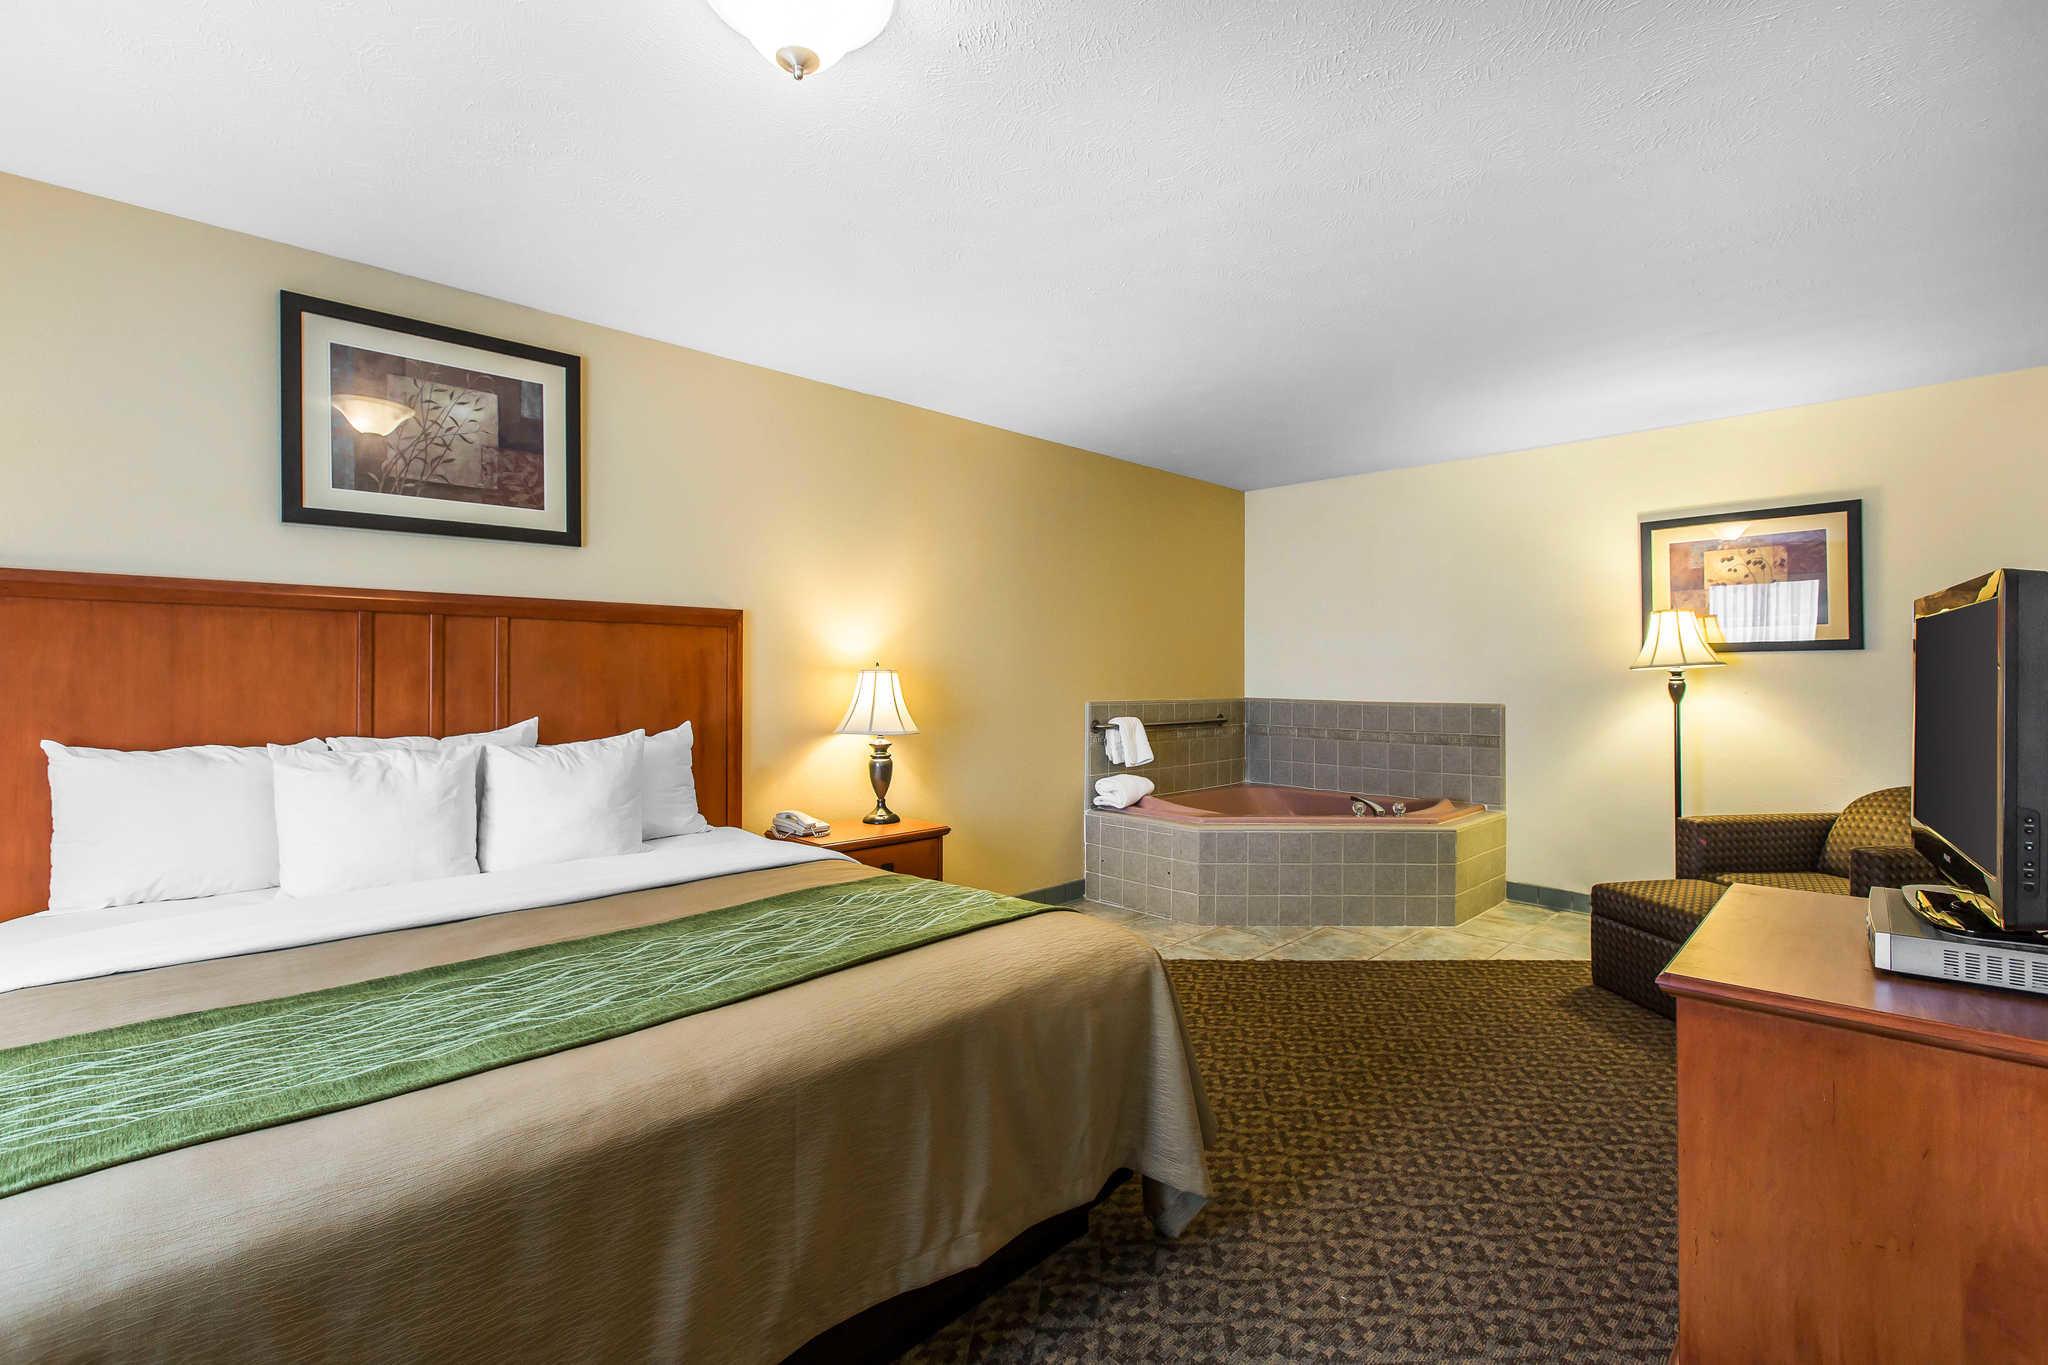 Comfort Inn & Suites El Centro I-8 image 17